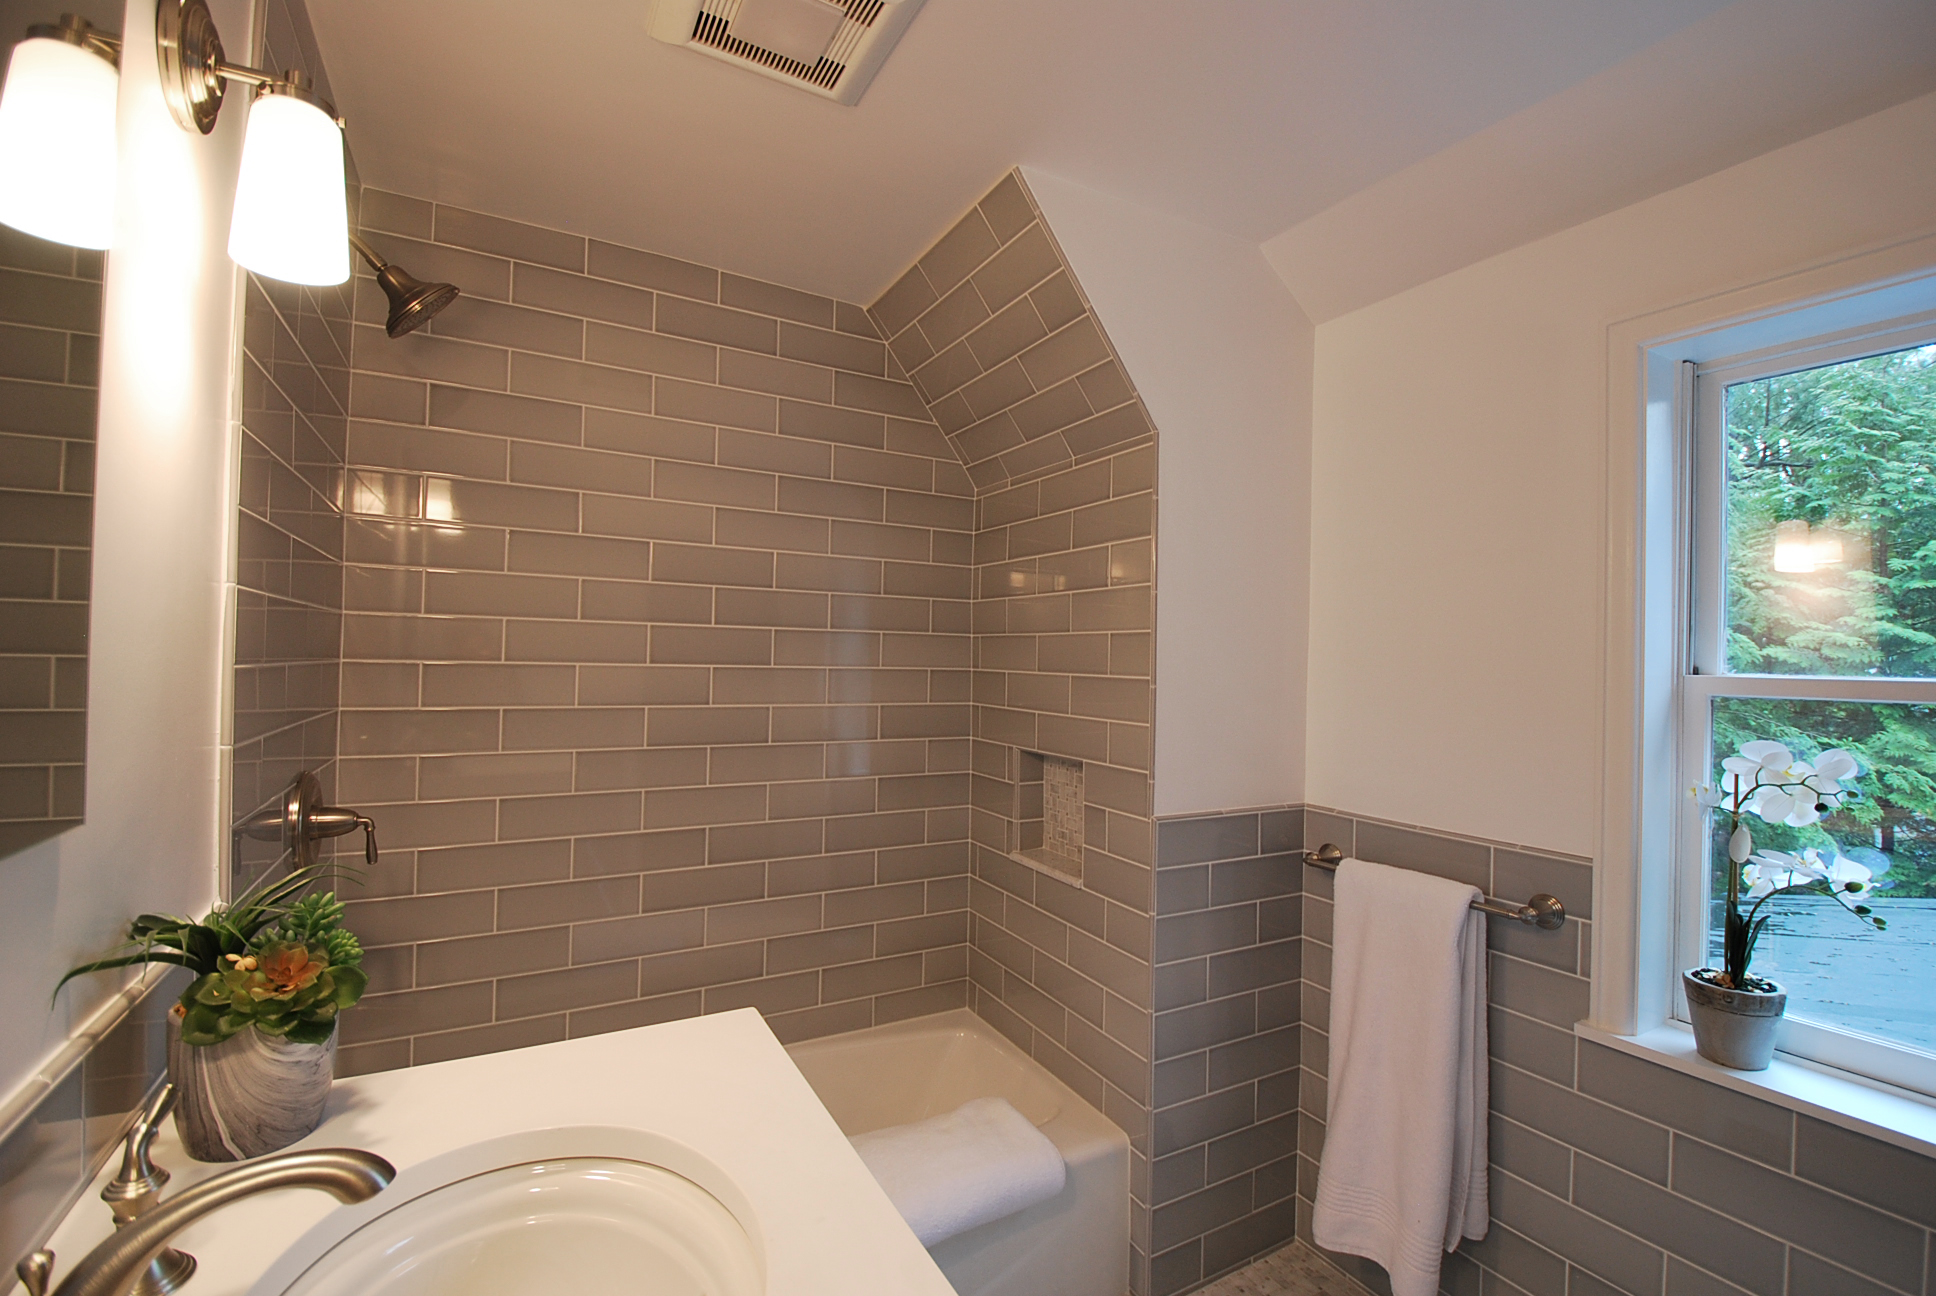 boffa bath 2.jpg